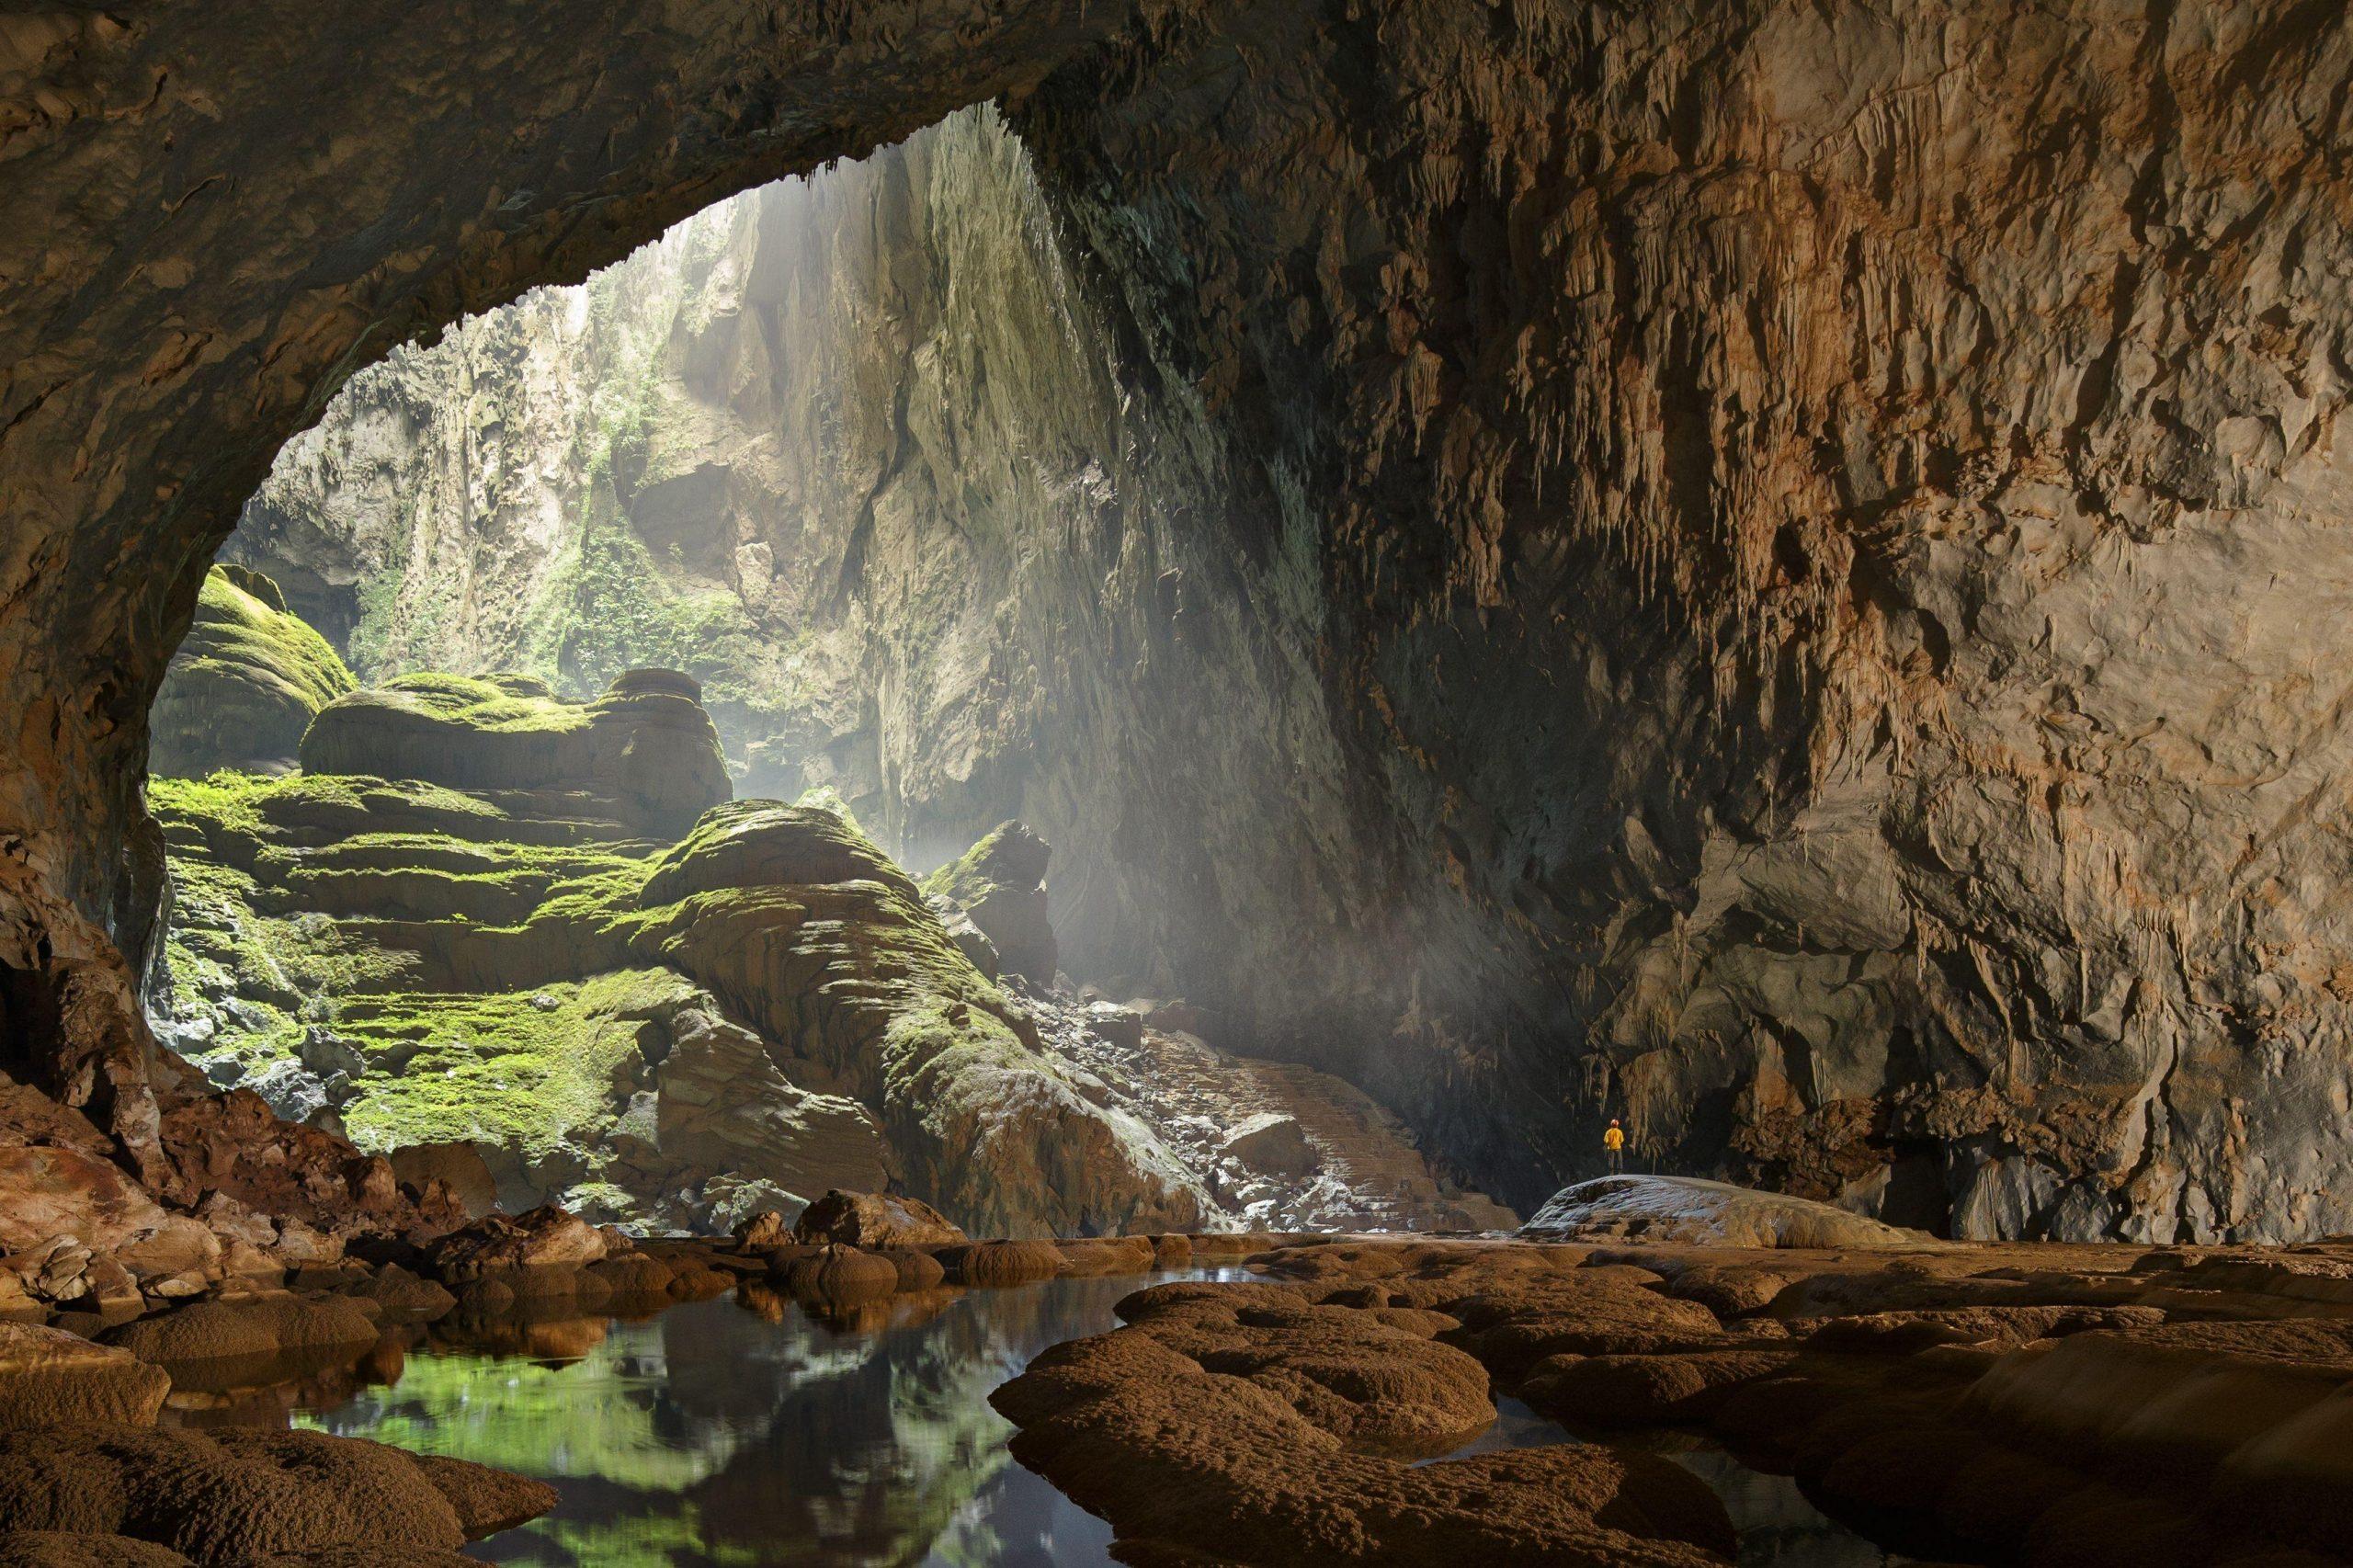 غار سونگ دون - بزرگ ترین غار جهان